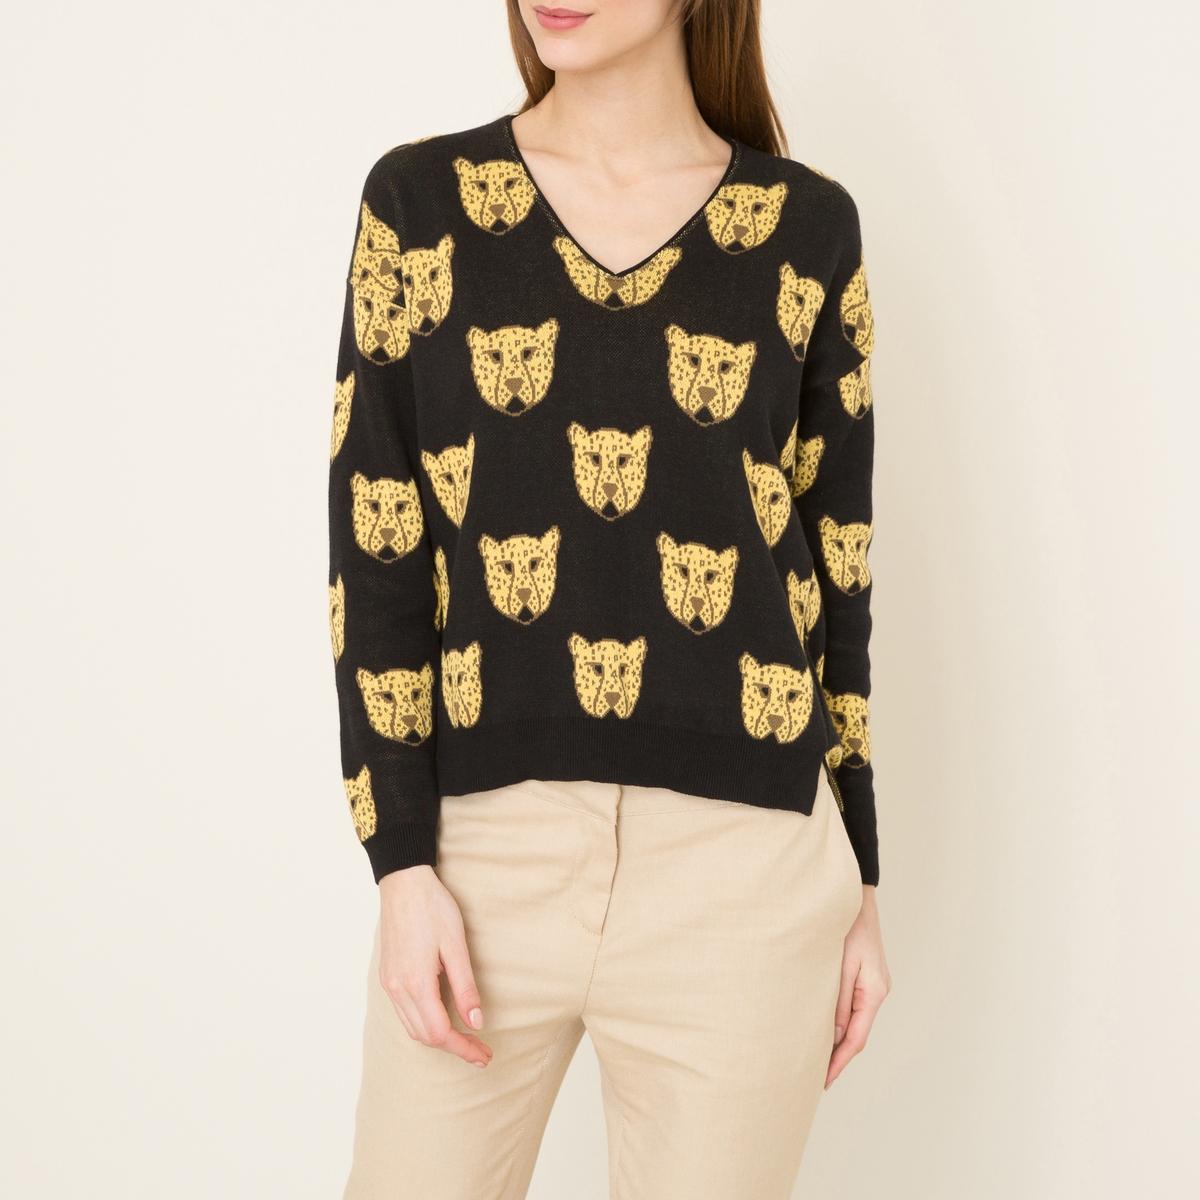 Пуловер GRRRПуловер BLUNE - модель GRRR с жаккардовым рисунком леопард. V-образный вырез с подвернутым краем. Однотонные манжеты и низ связаны в рубчик. Длинные рукава. Удлиненная спинка, разрезы по бокам. Состав и описание Материал : 100% хлопокМарка : BLUNE<br><br>Цвет: черный